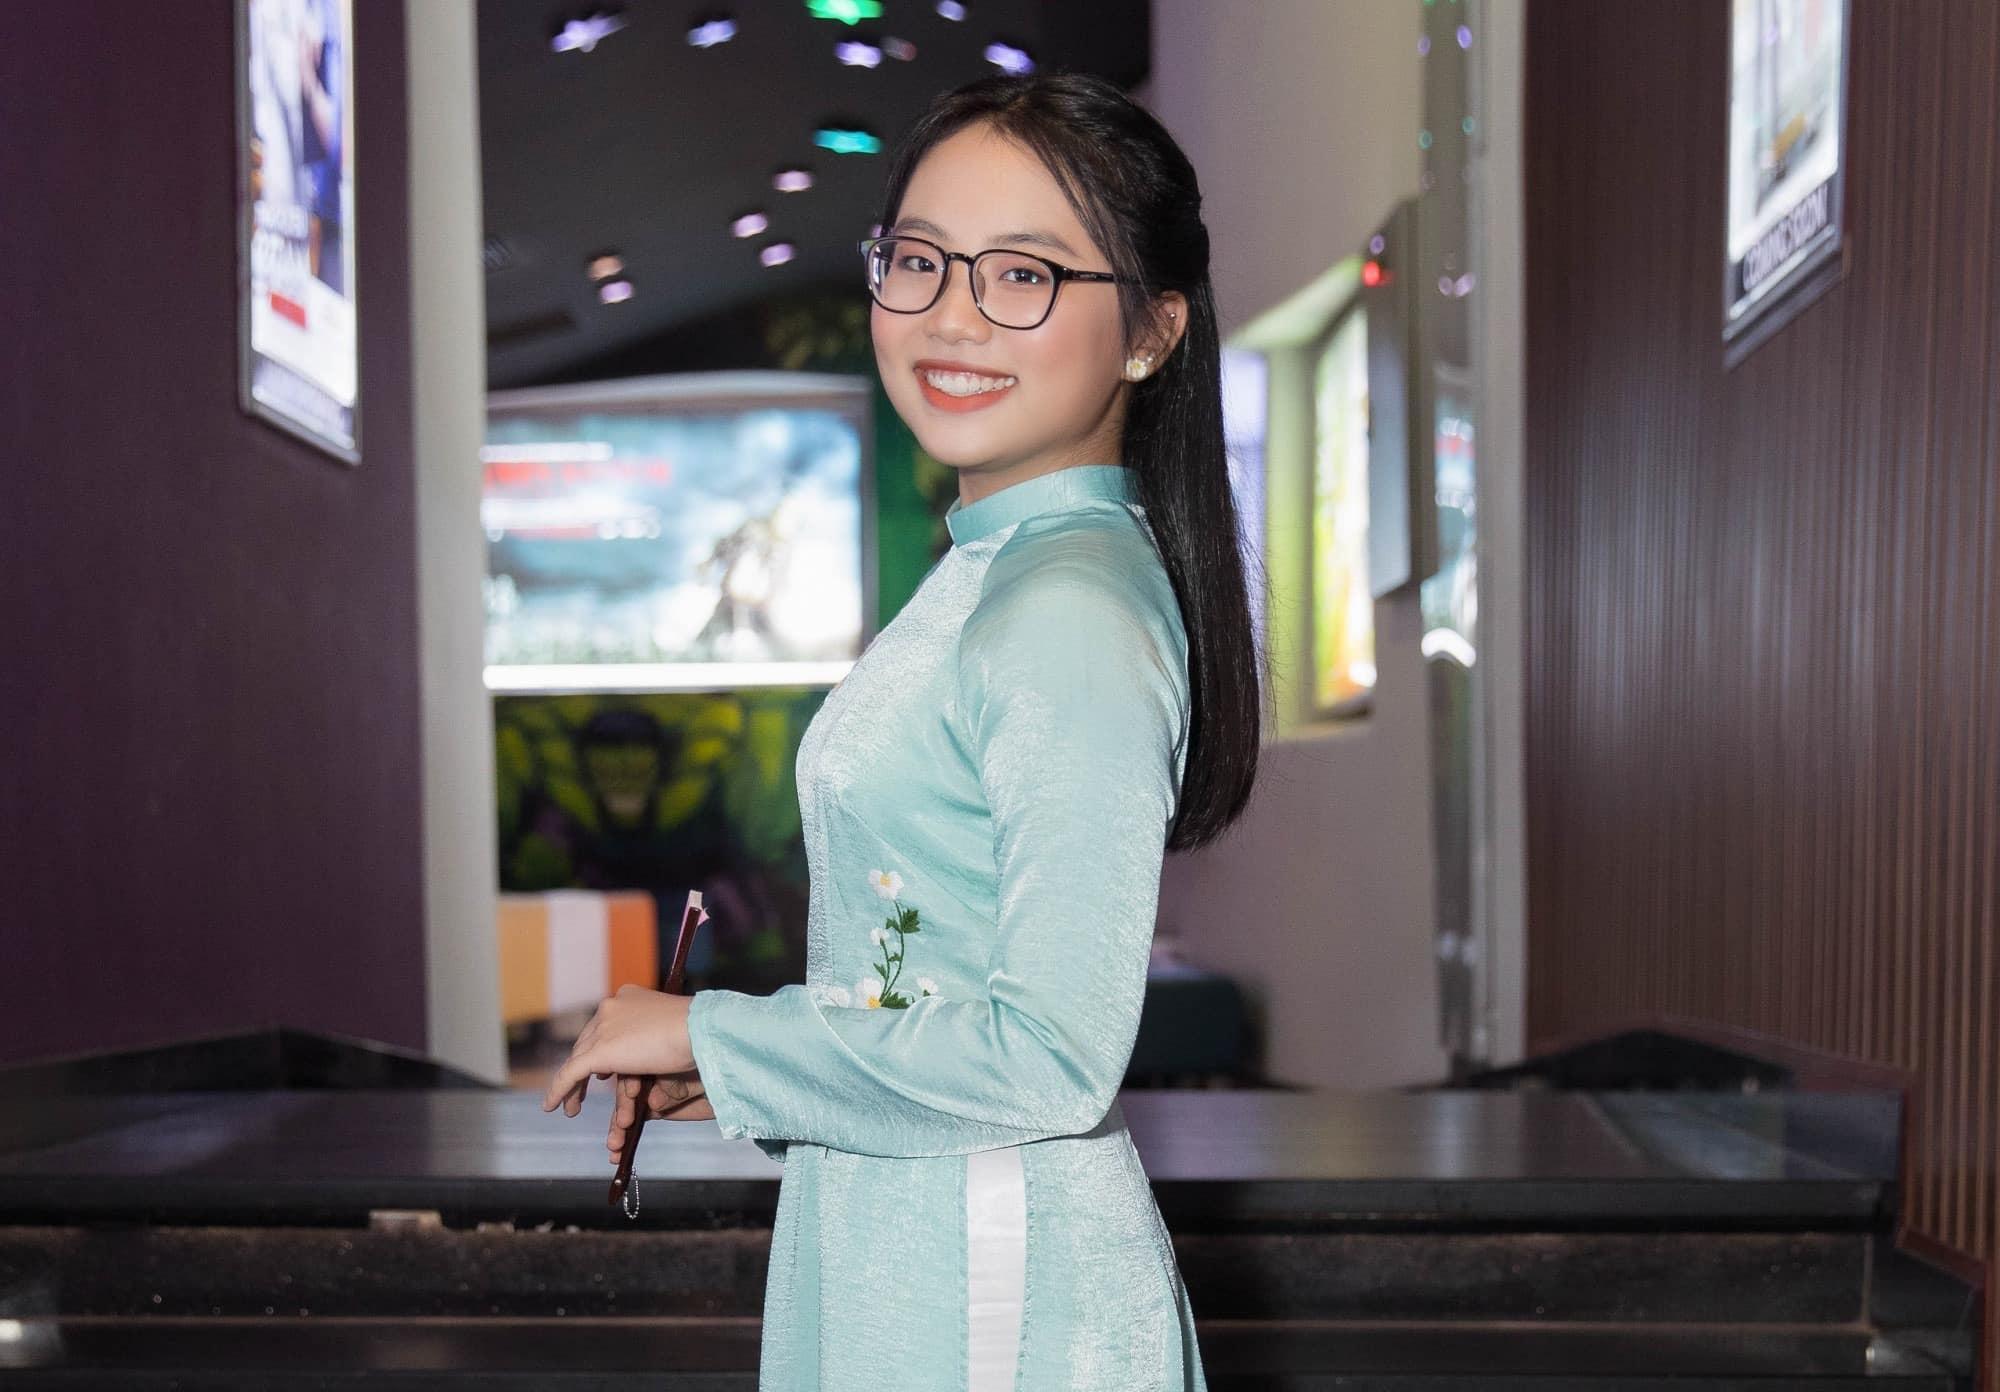 Bị nghi 'không ưa' Quang Anh, Phương Mỹ Chi lên tiếng đáp trả - Ảnh 2